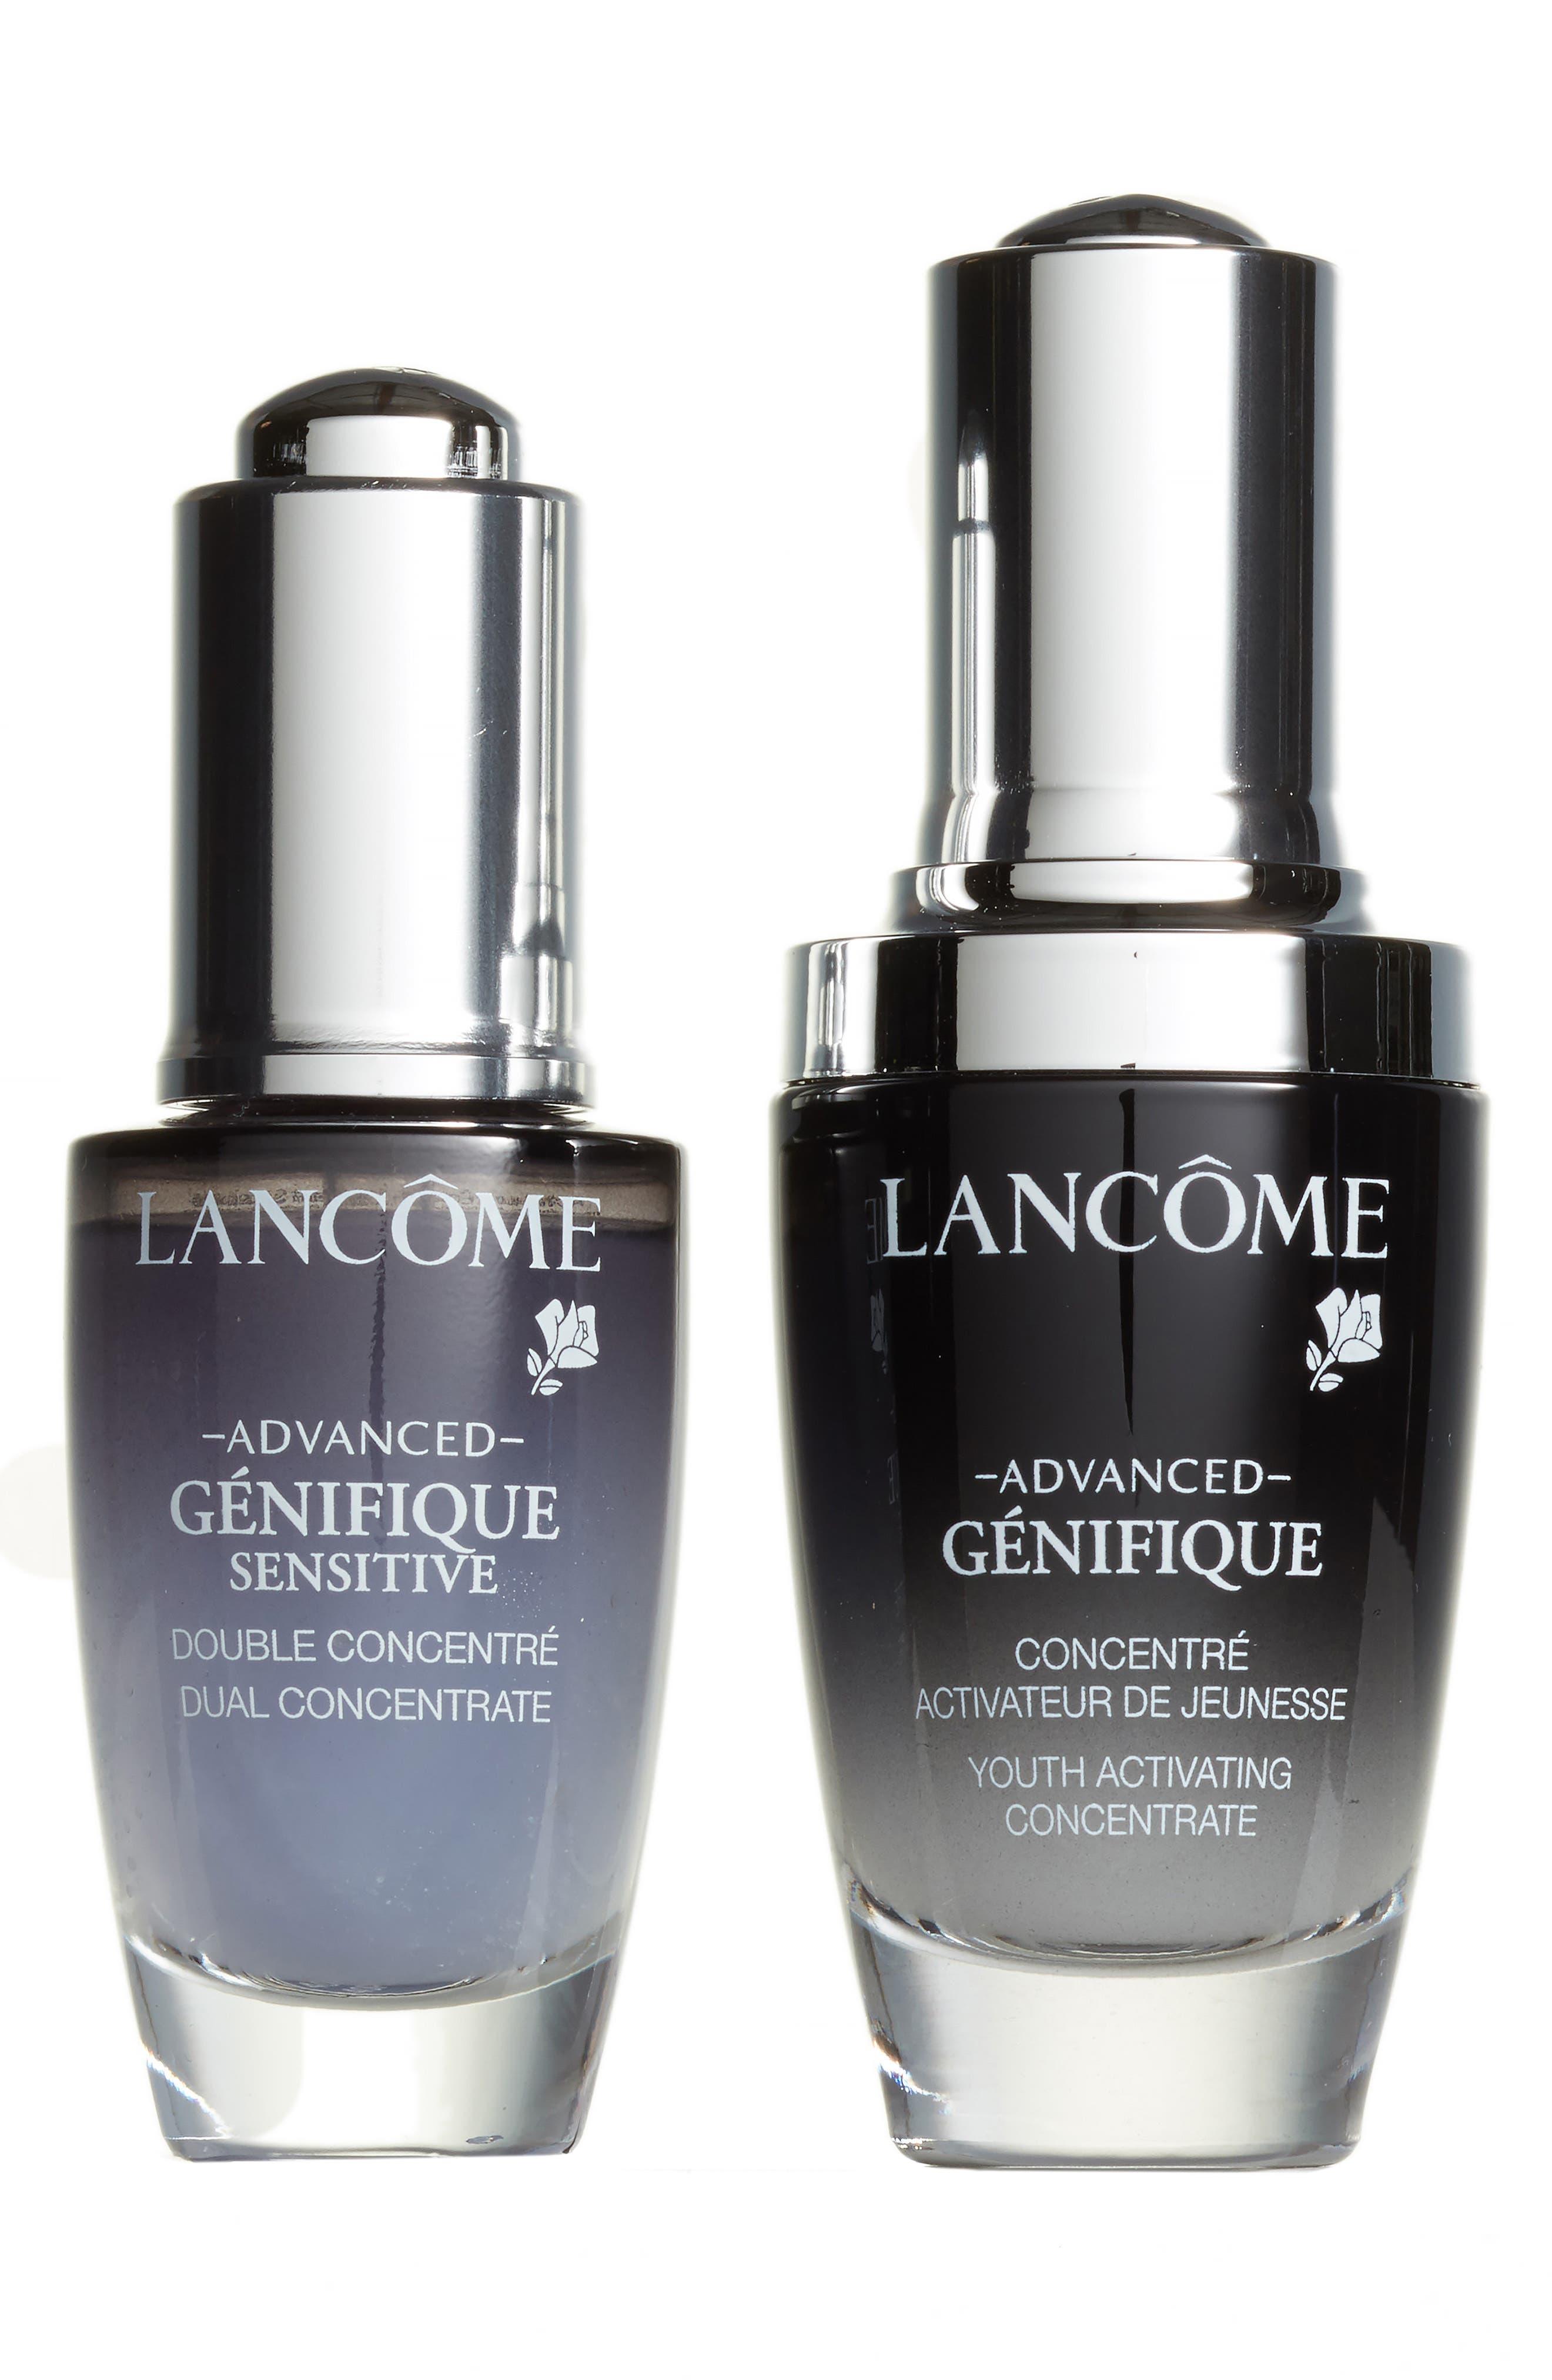 Lancôme Génifique Skin Solutions Duo (Nordstrom Online Exclusive) ($156 Value)